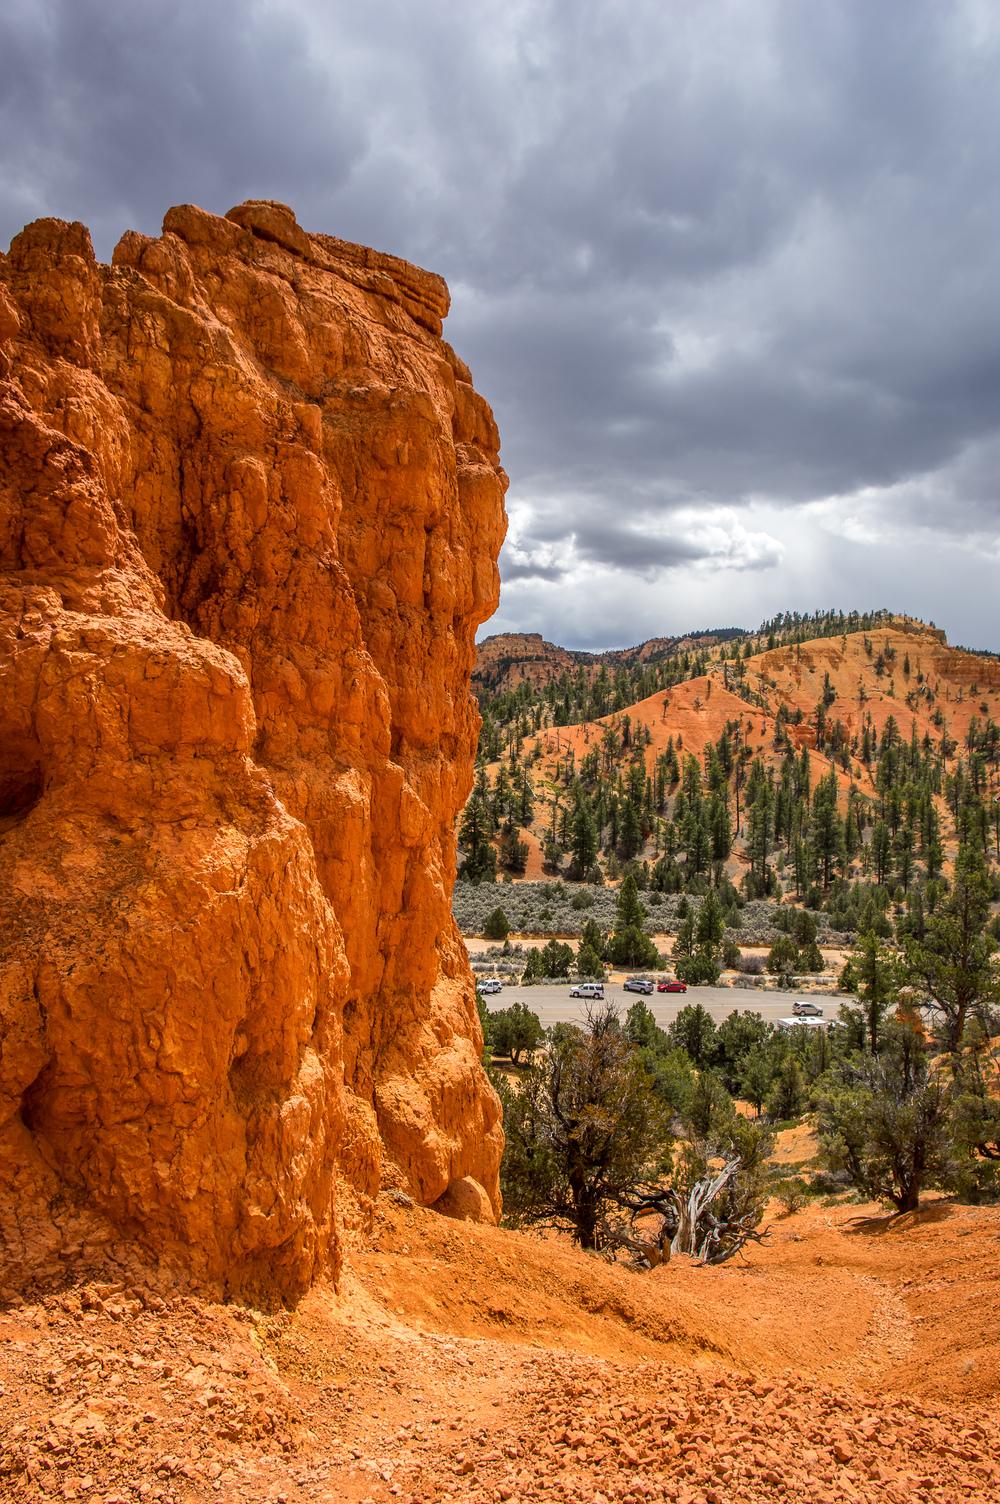 Die ersten Einblicke in die fantastischen Steinformationen der Region.